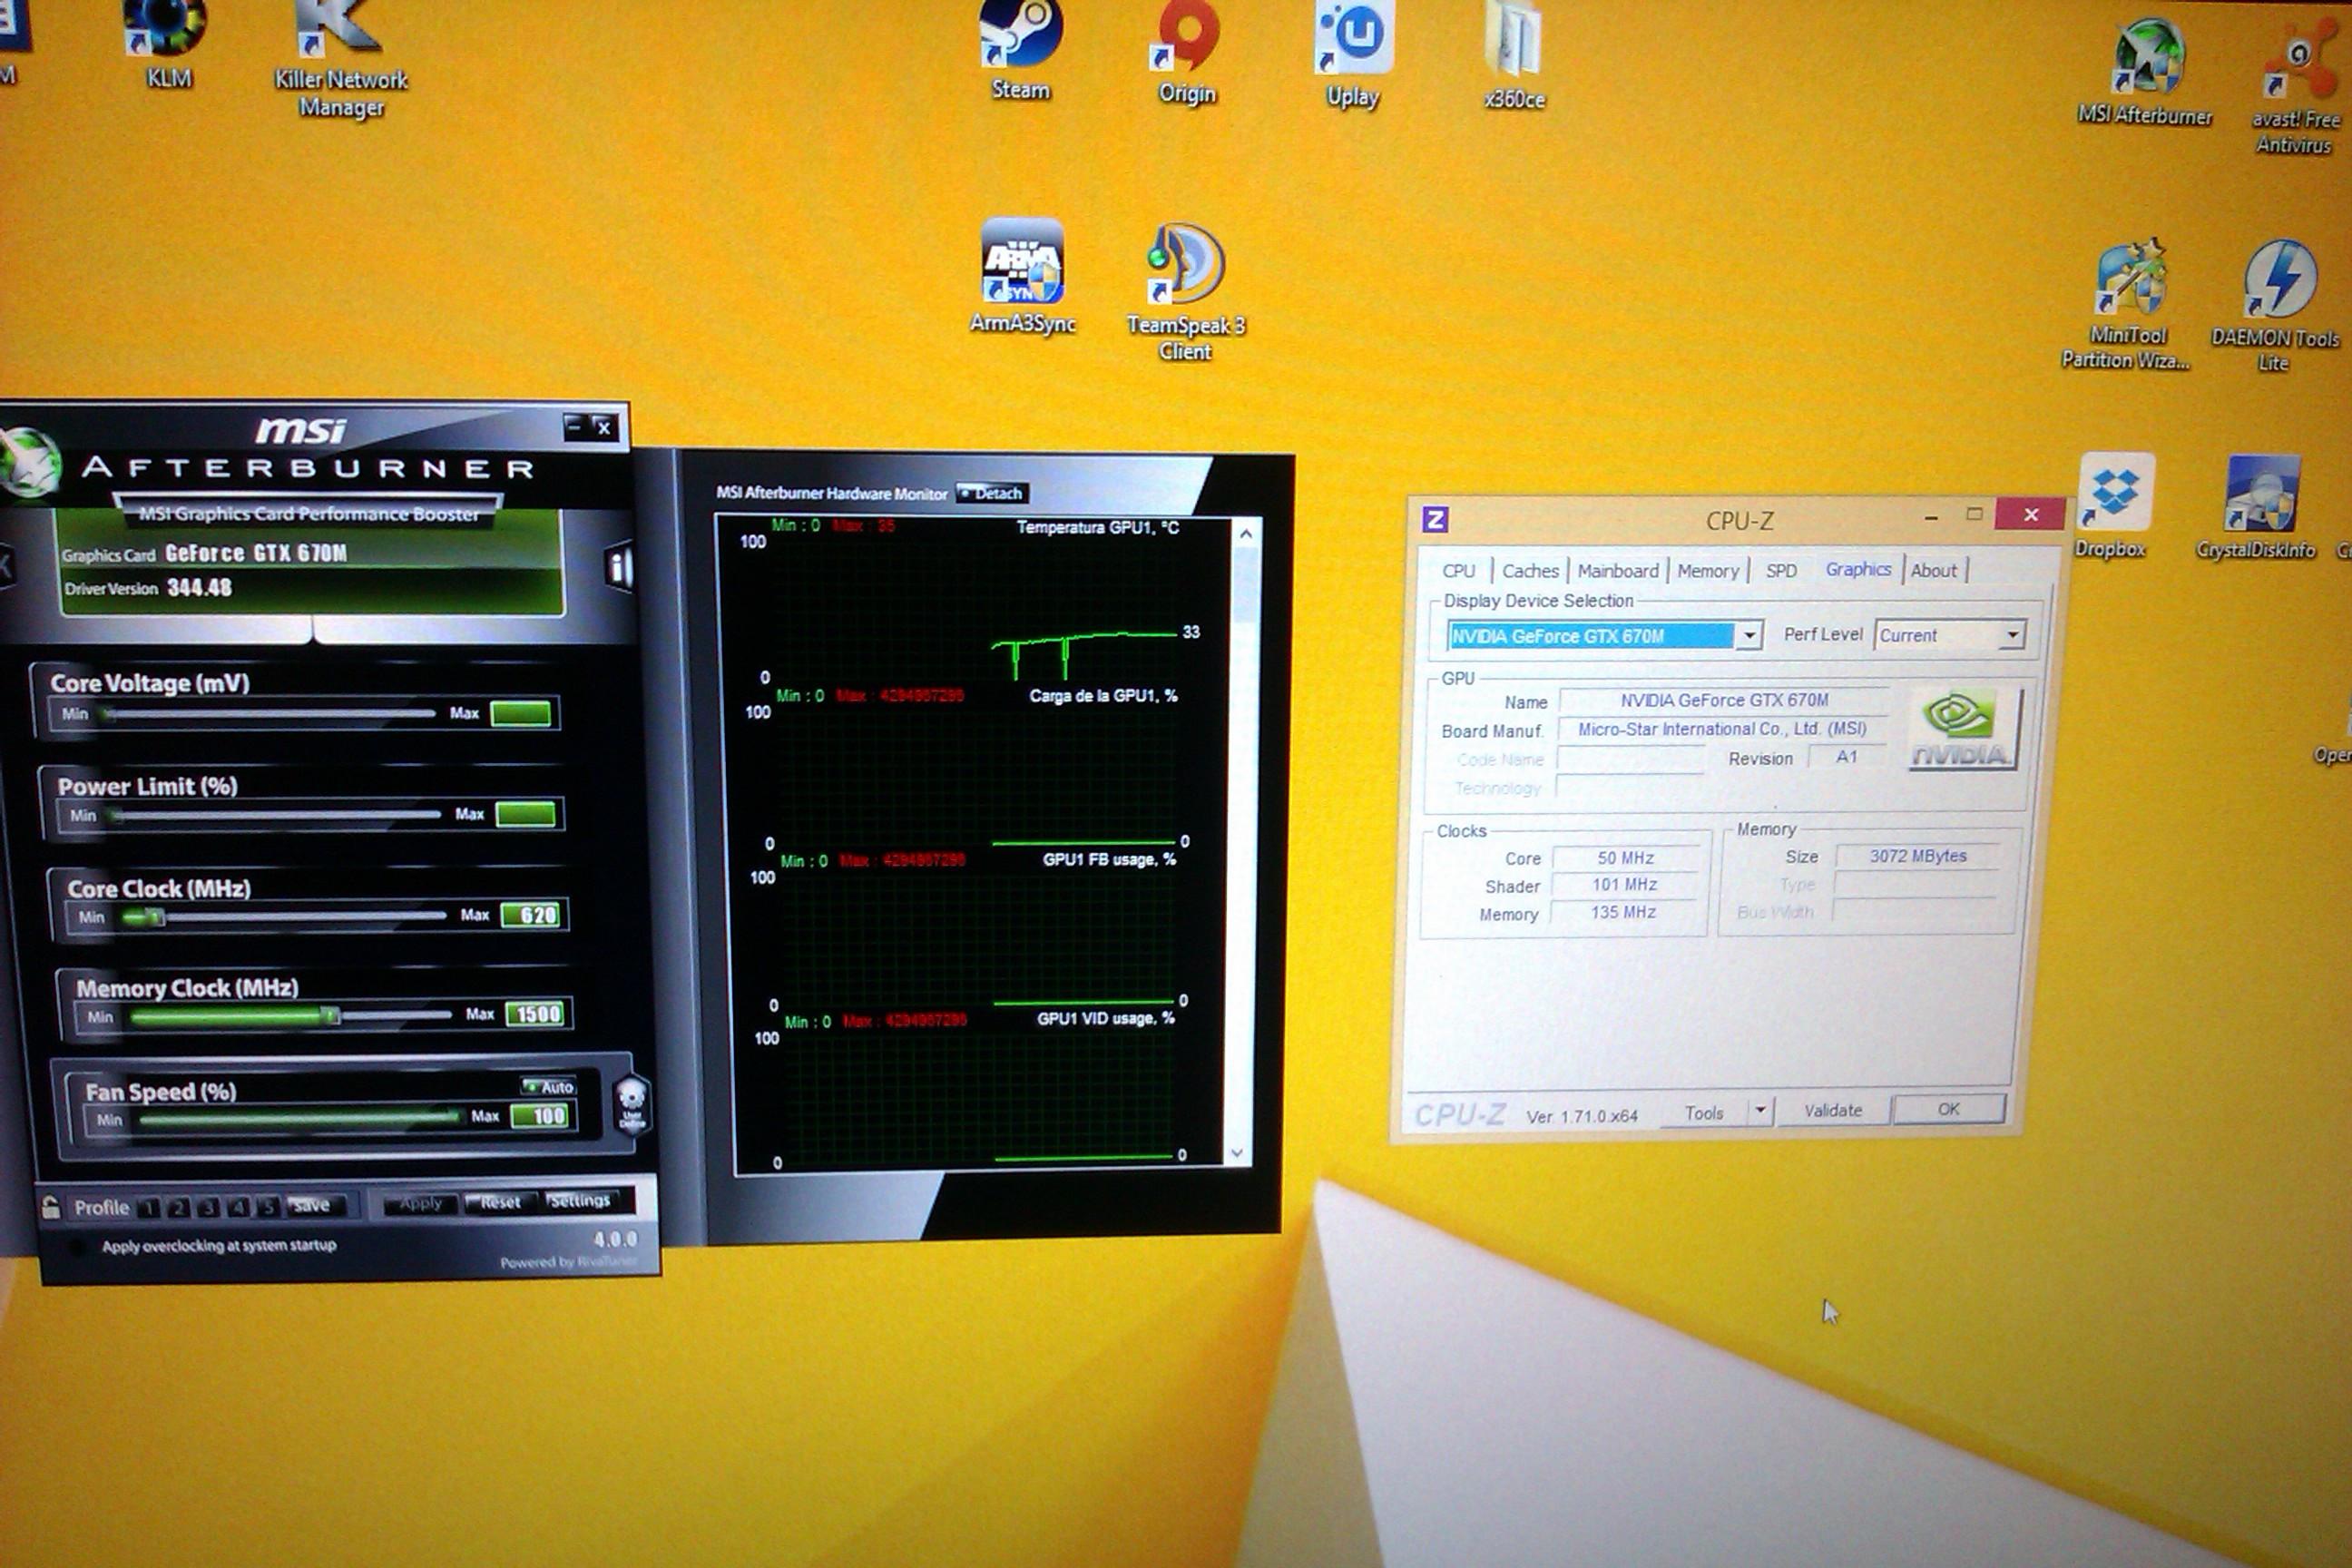 [Tutorial] Como cambiar la gráfica a un portátil con ranura MXM (Ejm MSI GT70)